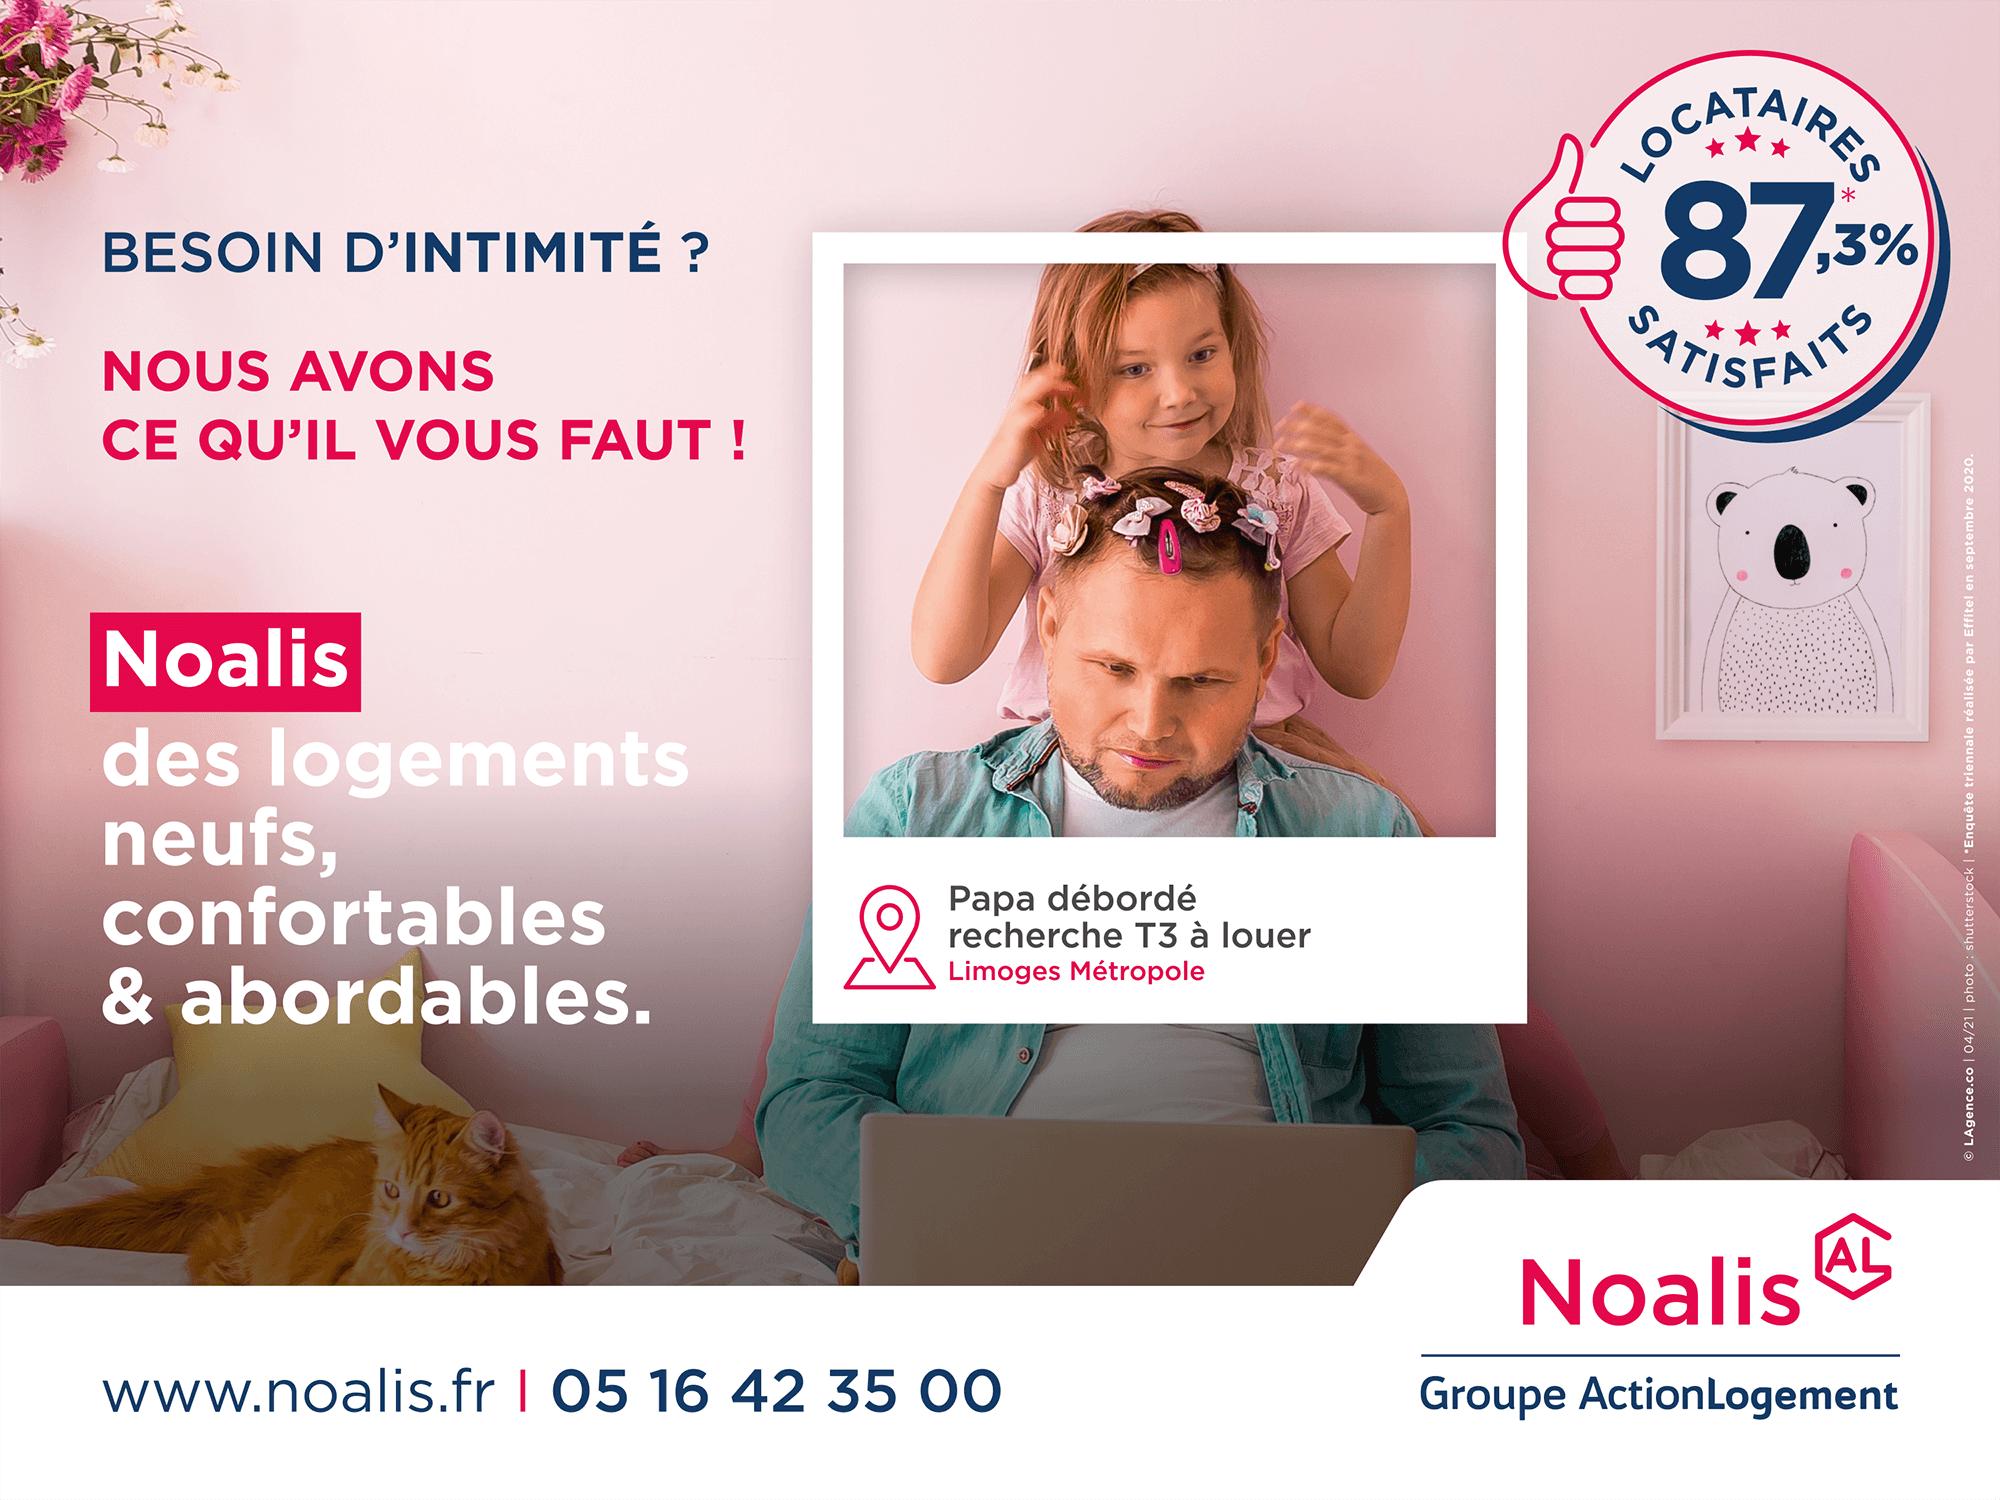 NOALIS Limoges Métropole